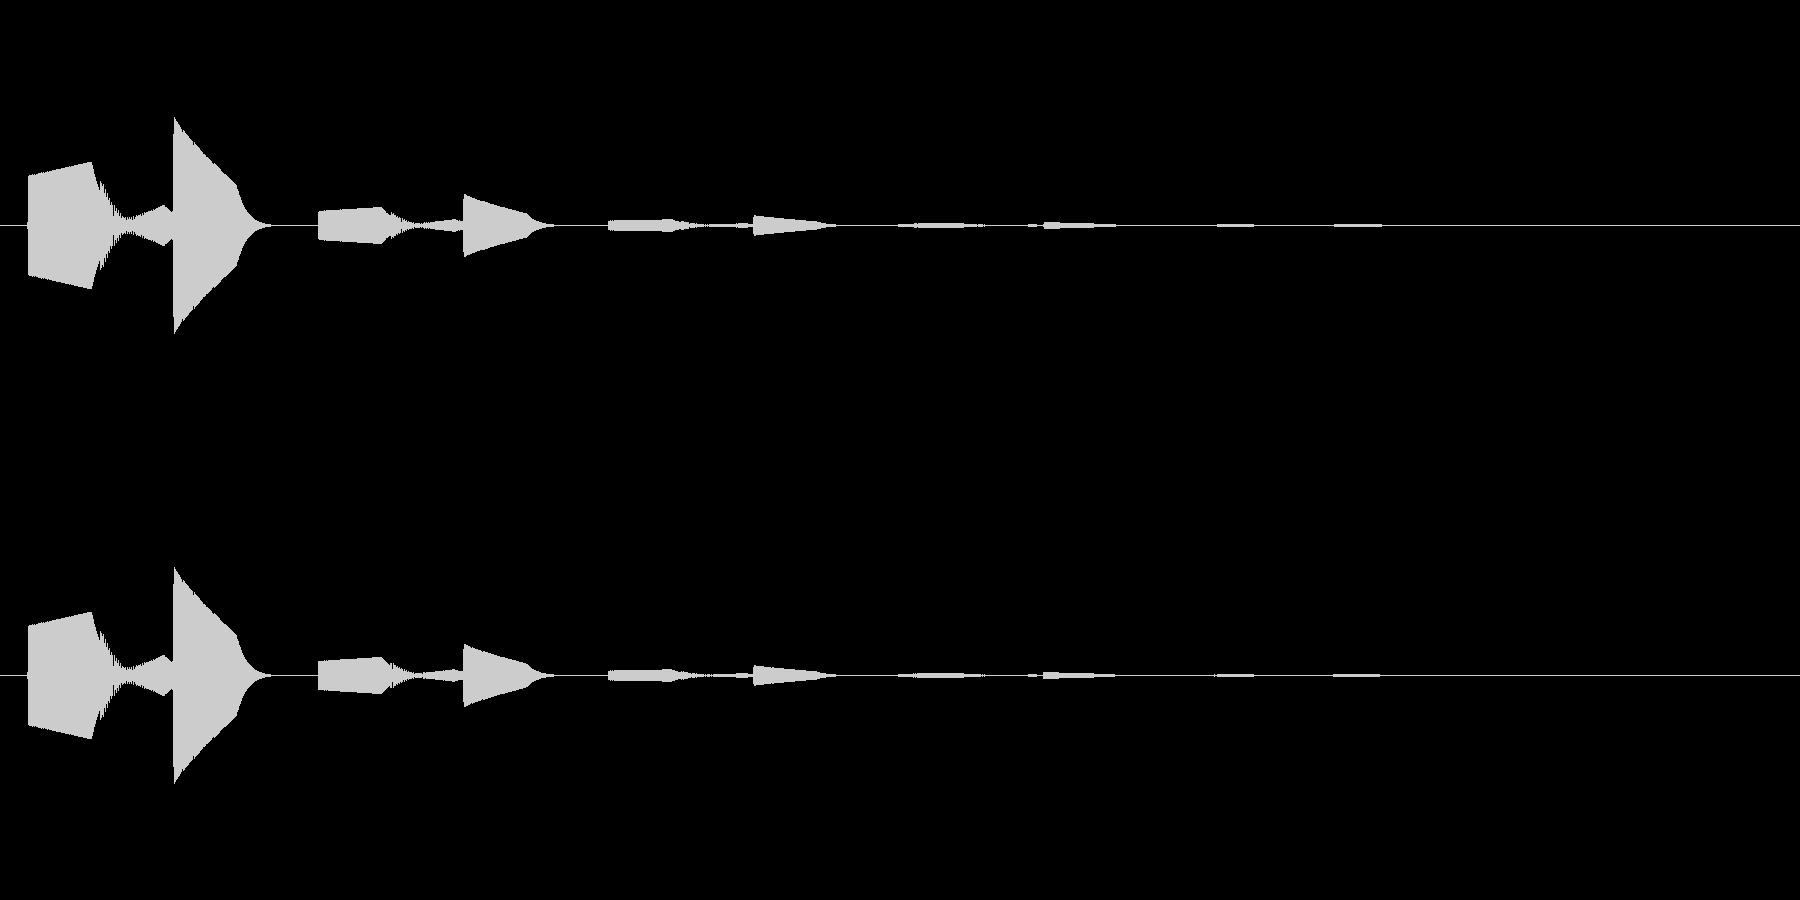 ピロッ↑(決定音、セーブ、回復)の未再生の波形